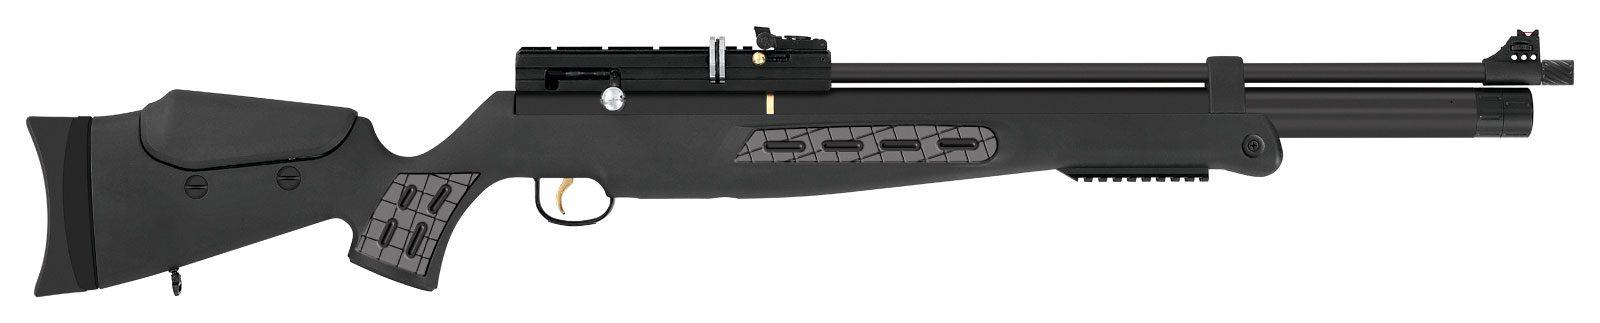 BT65SB